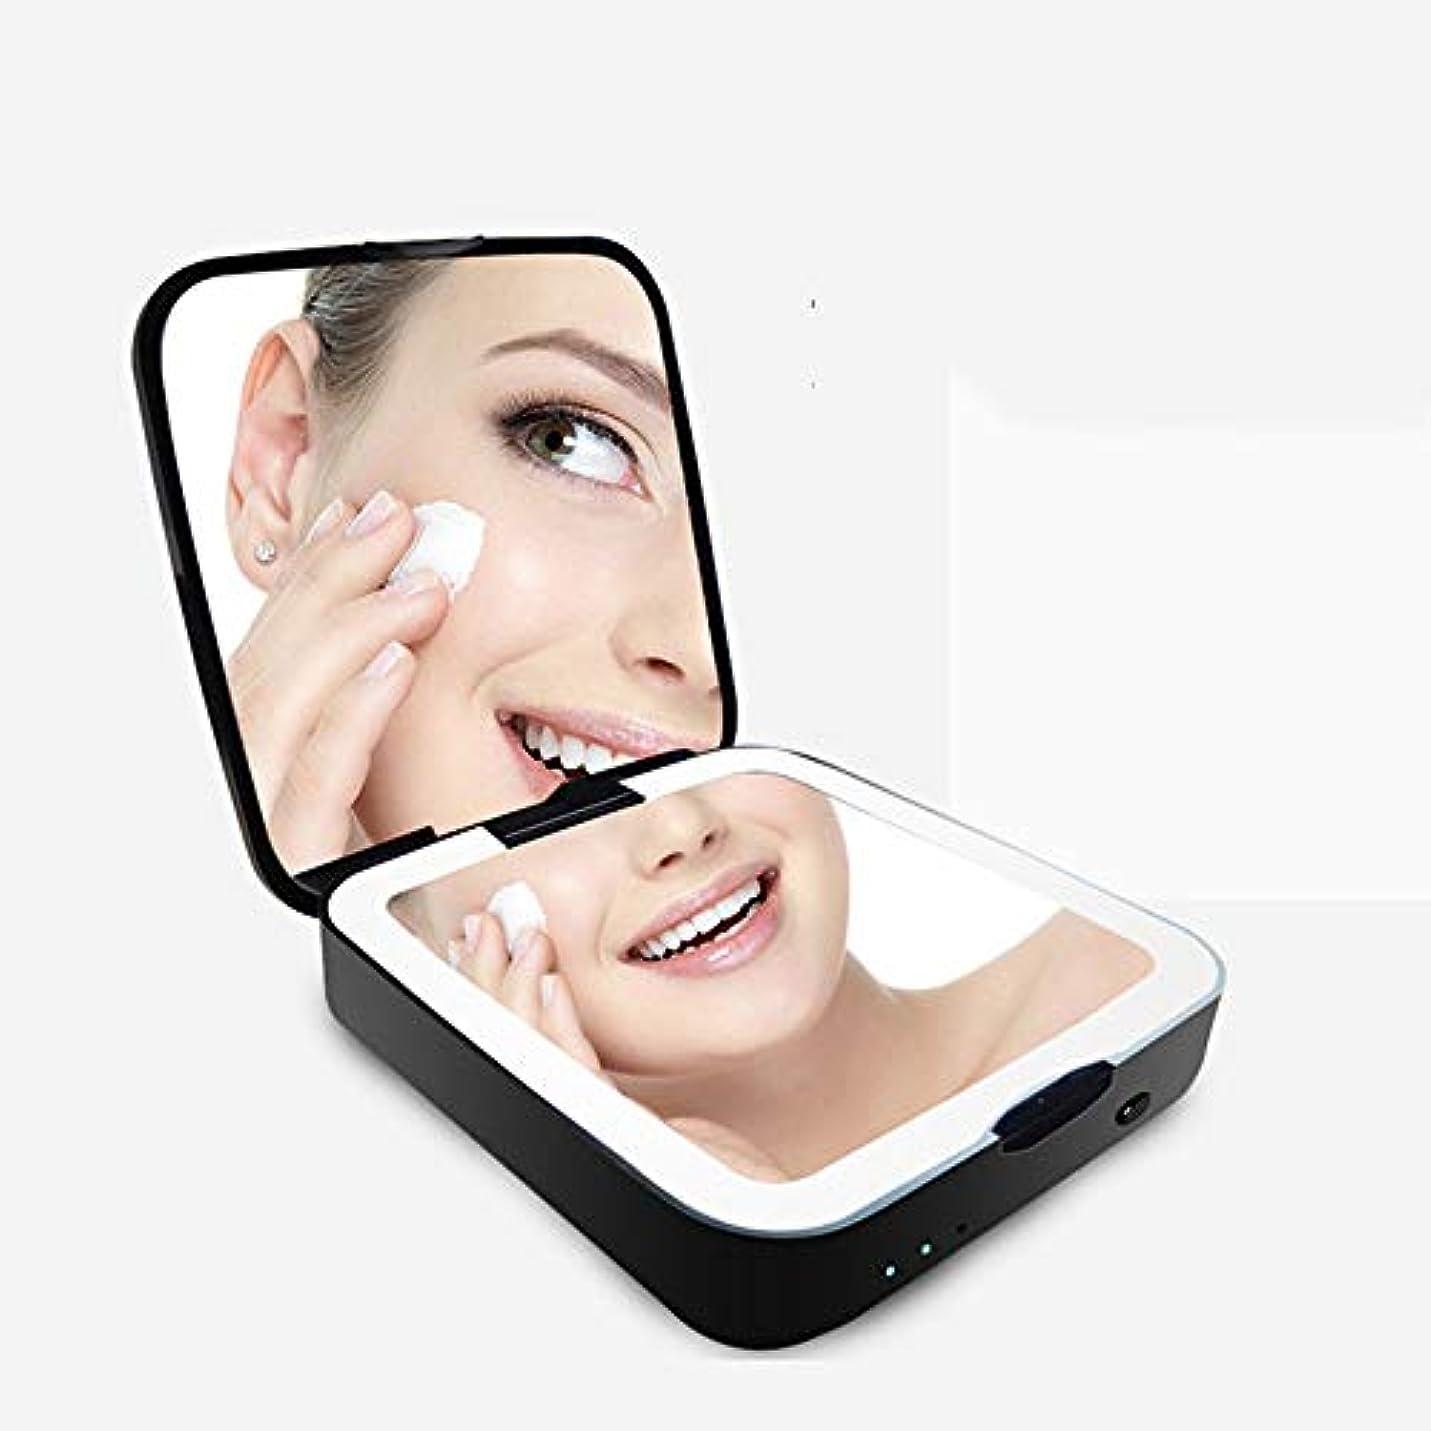 クリーナードリンク深い流行の 新しい両面折りたたみLEDライトポータブルポータブルミラー充電宝化粧鏡ABS黒美容ミラー虫眼鏡ナイトライト